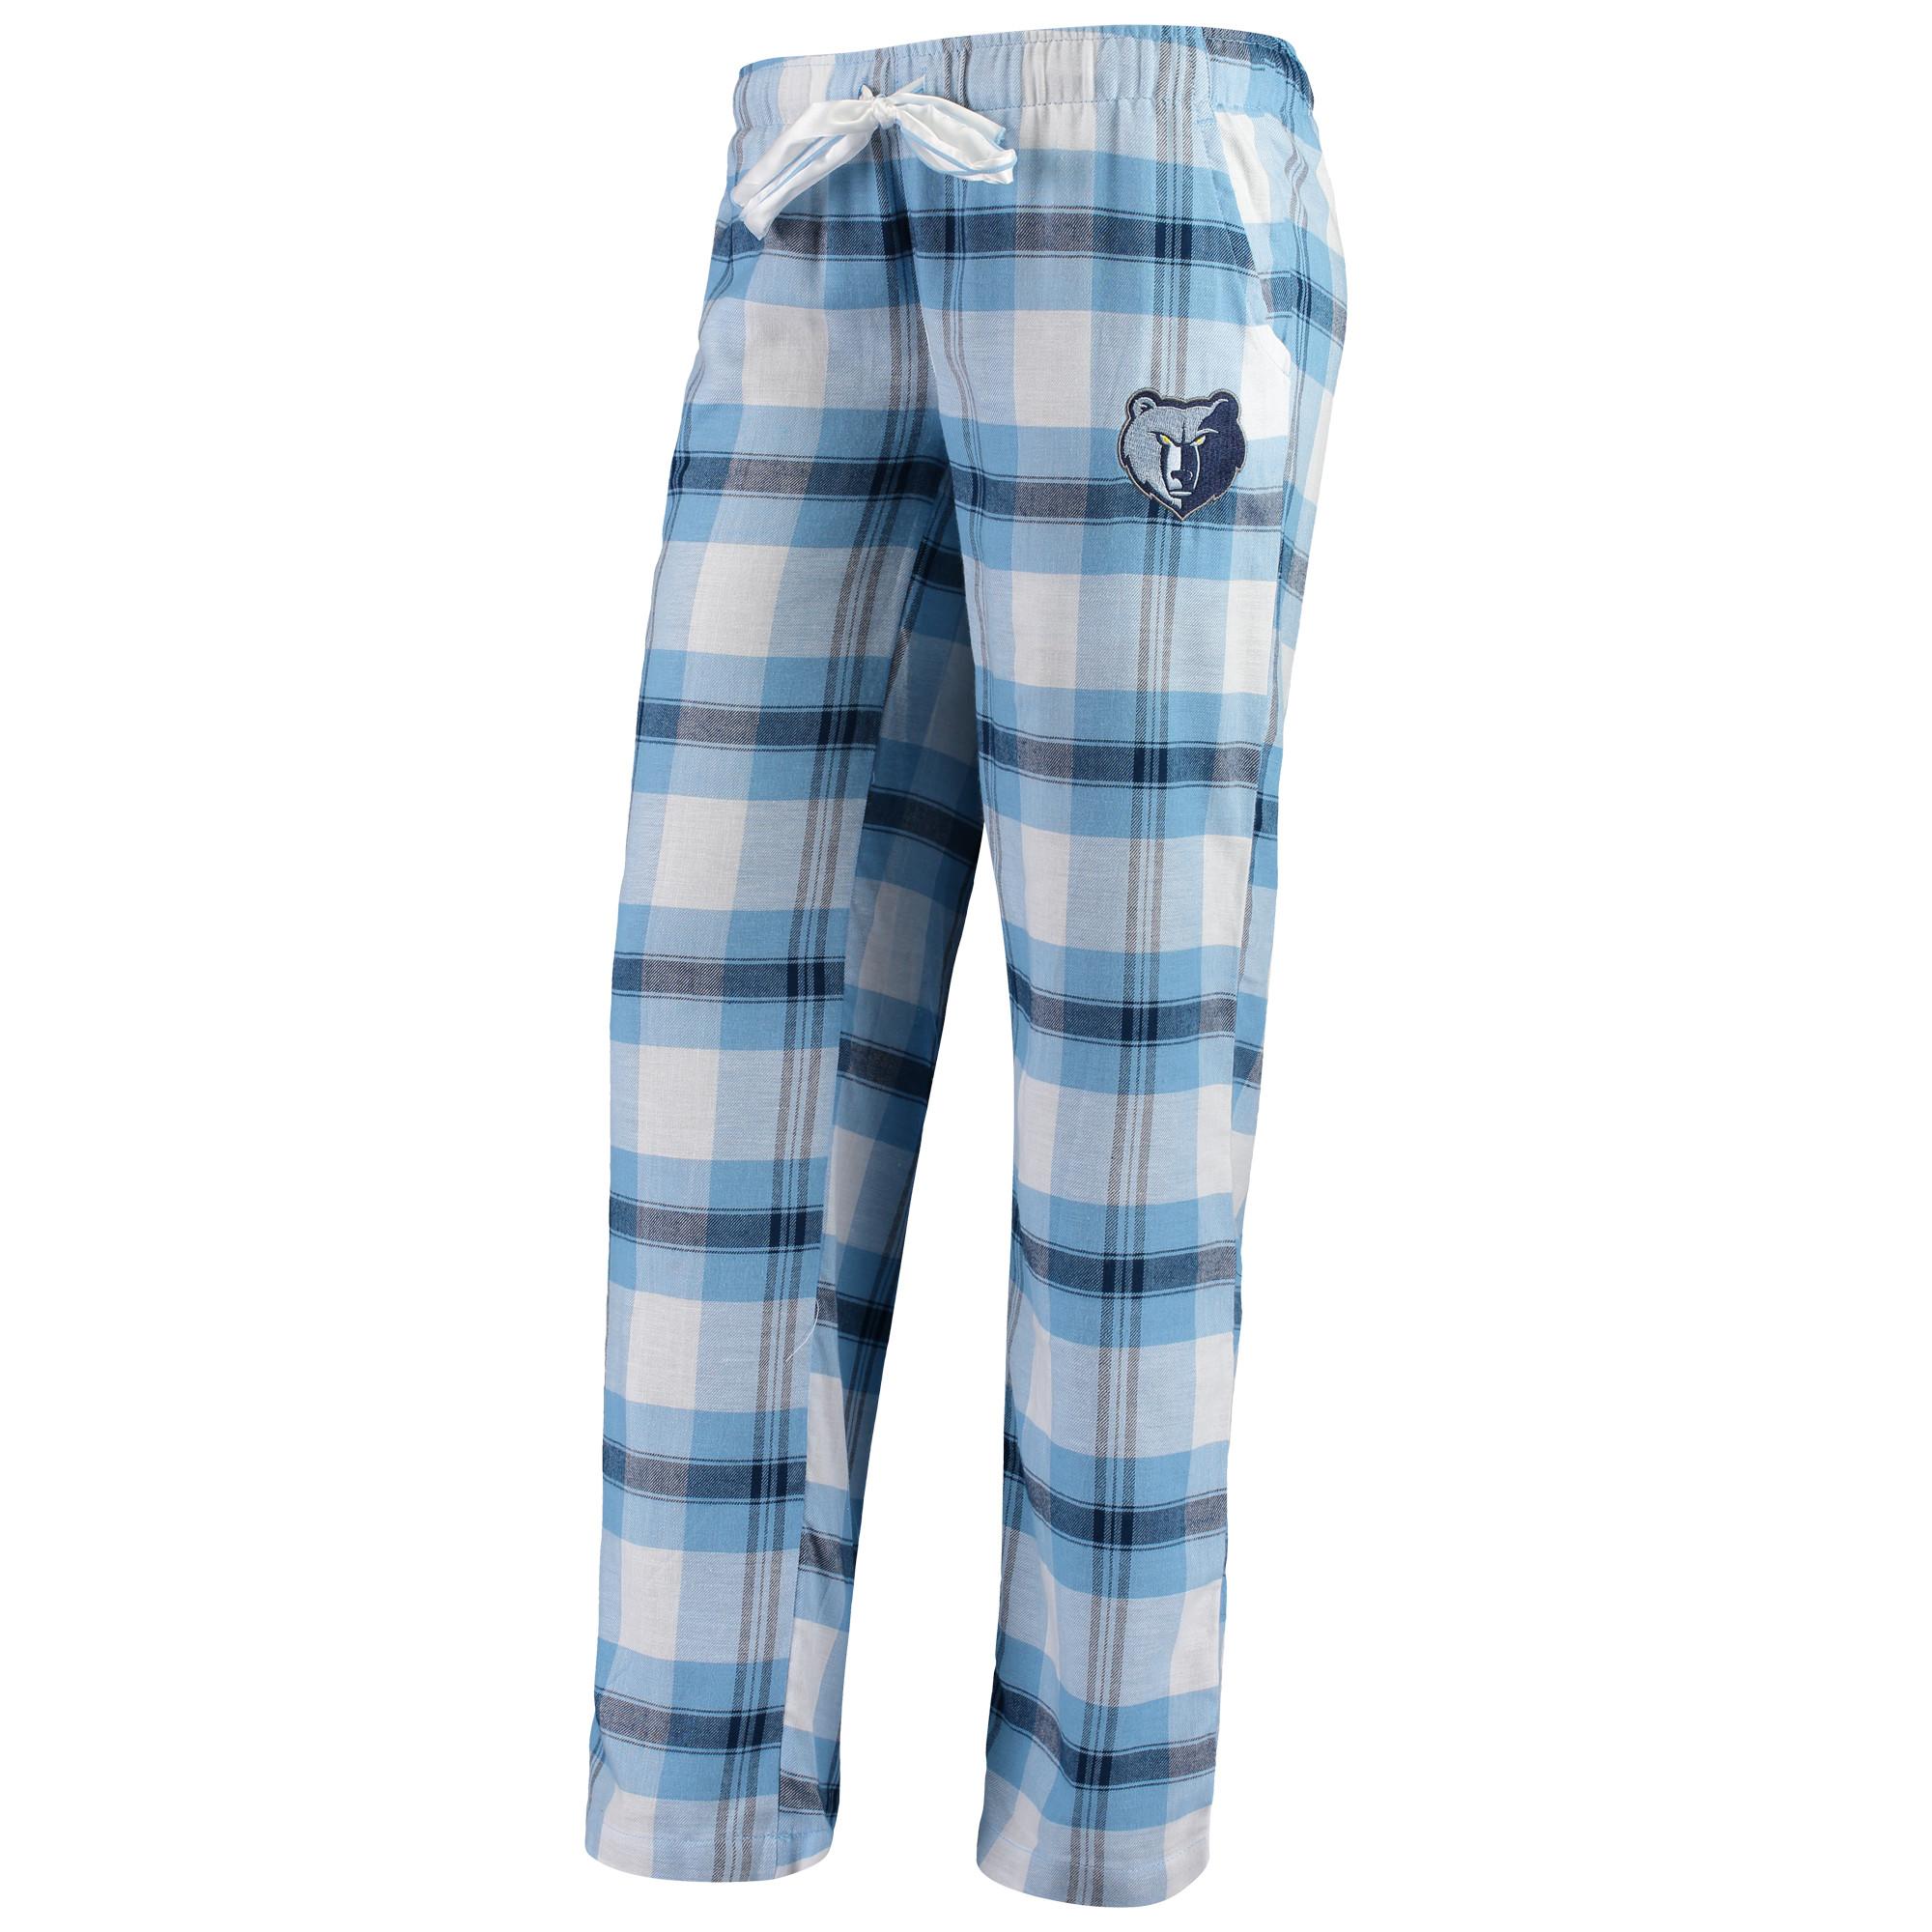 Memphis Grizzlies Concepts Sport Women's Headway Flannel Pants - Light Blue/Navy